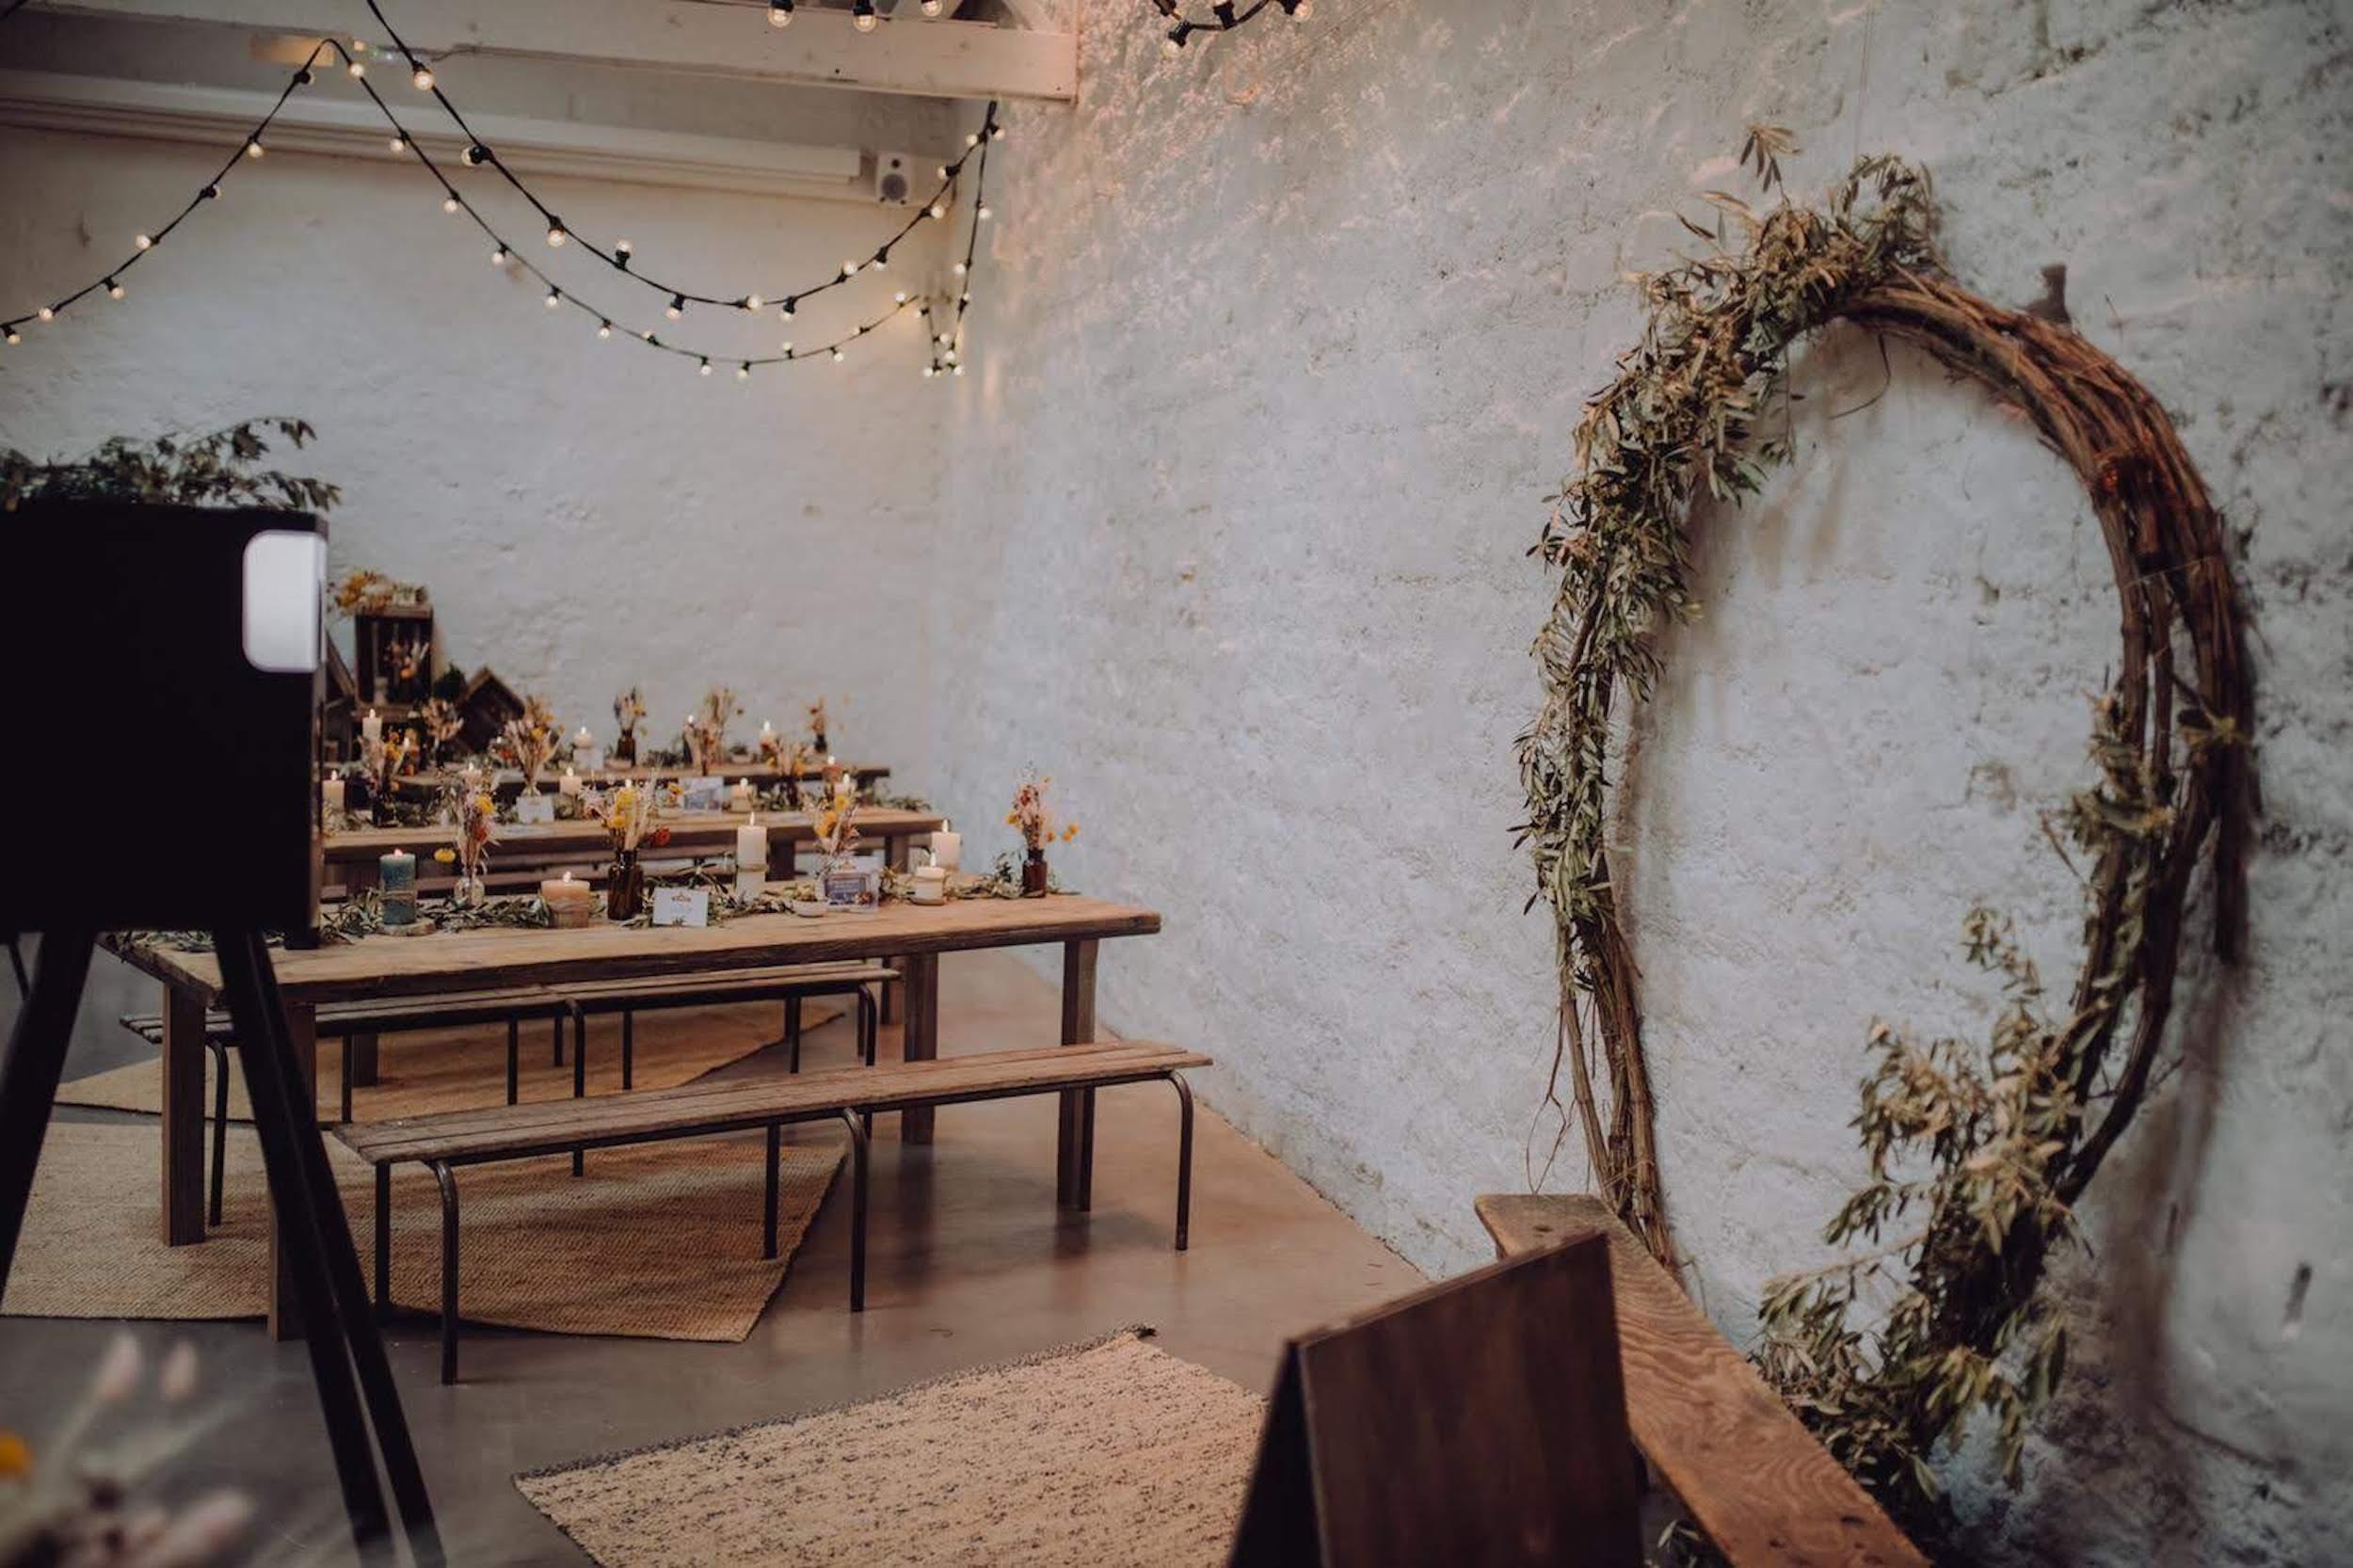 refletfleurs-fleuriste-scenographie-lancement-produit-conference-presse-mise-en-scene-marche-provencal-paris-15